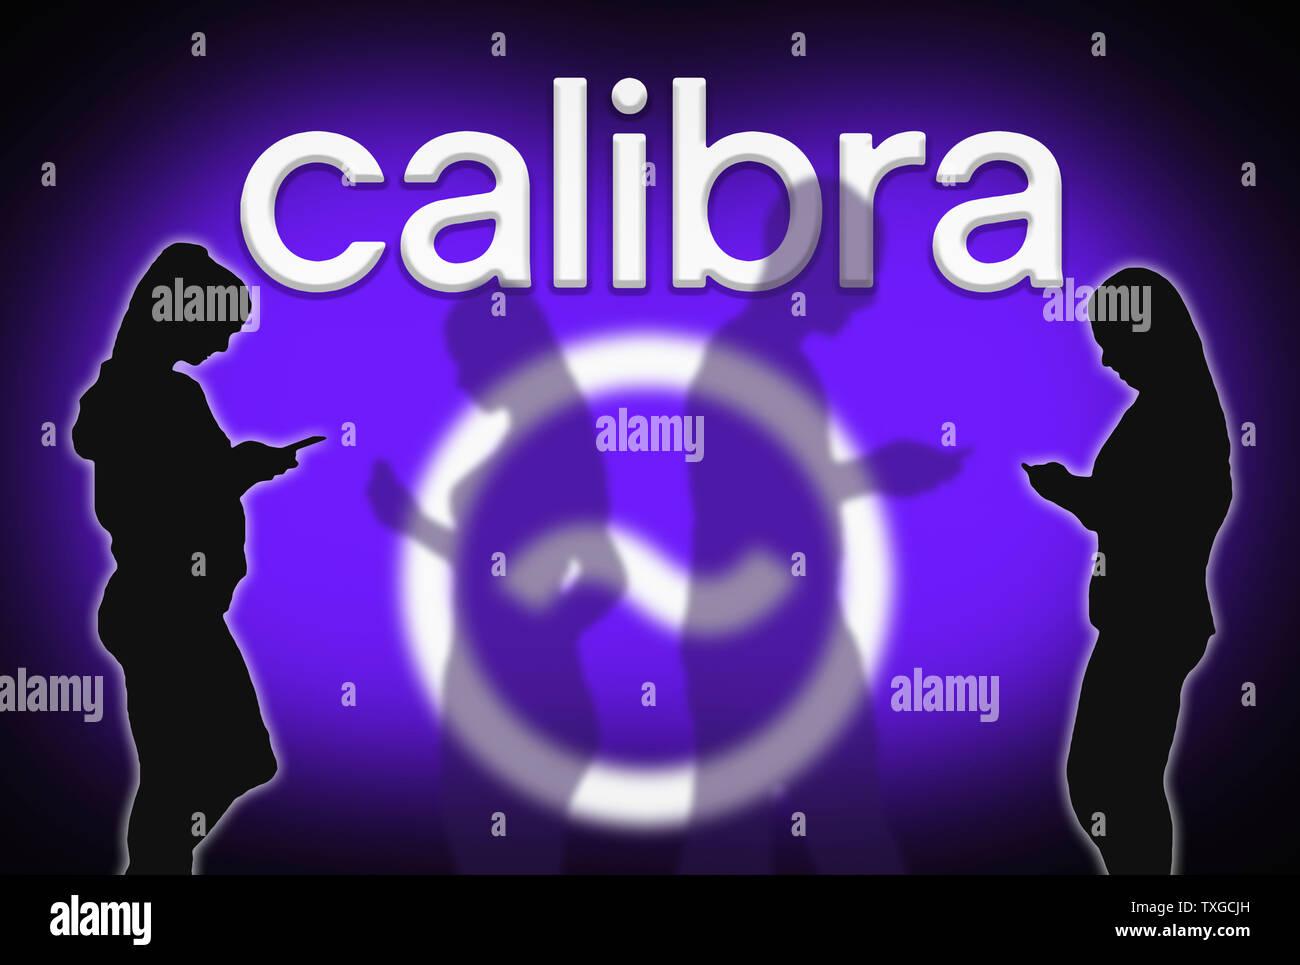 Silhouettes de personnes utilisant Facebook's Calibra portefeuille numérique app sur appareils mobiles, envoi et réception de l'argent en utilisant la balance blockchain cryptocurrency. Banque D'Images